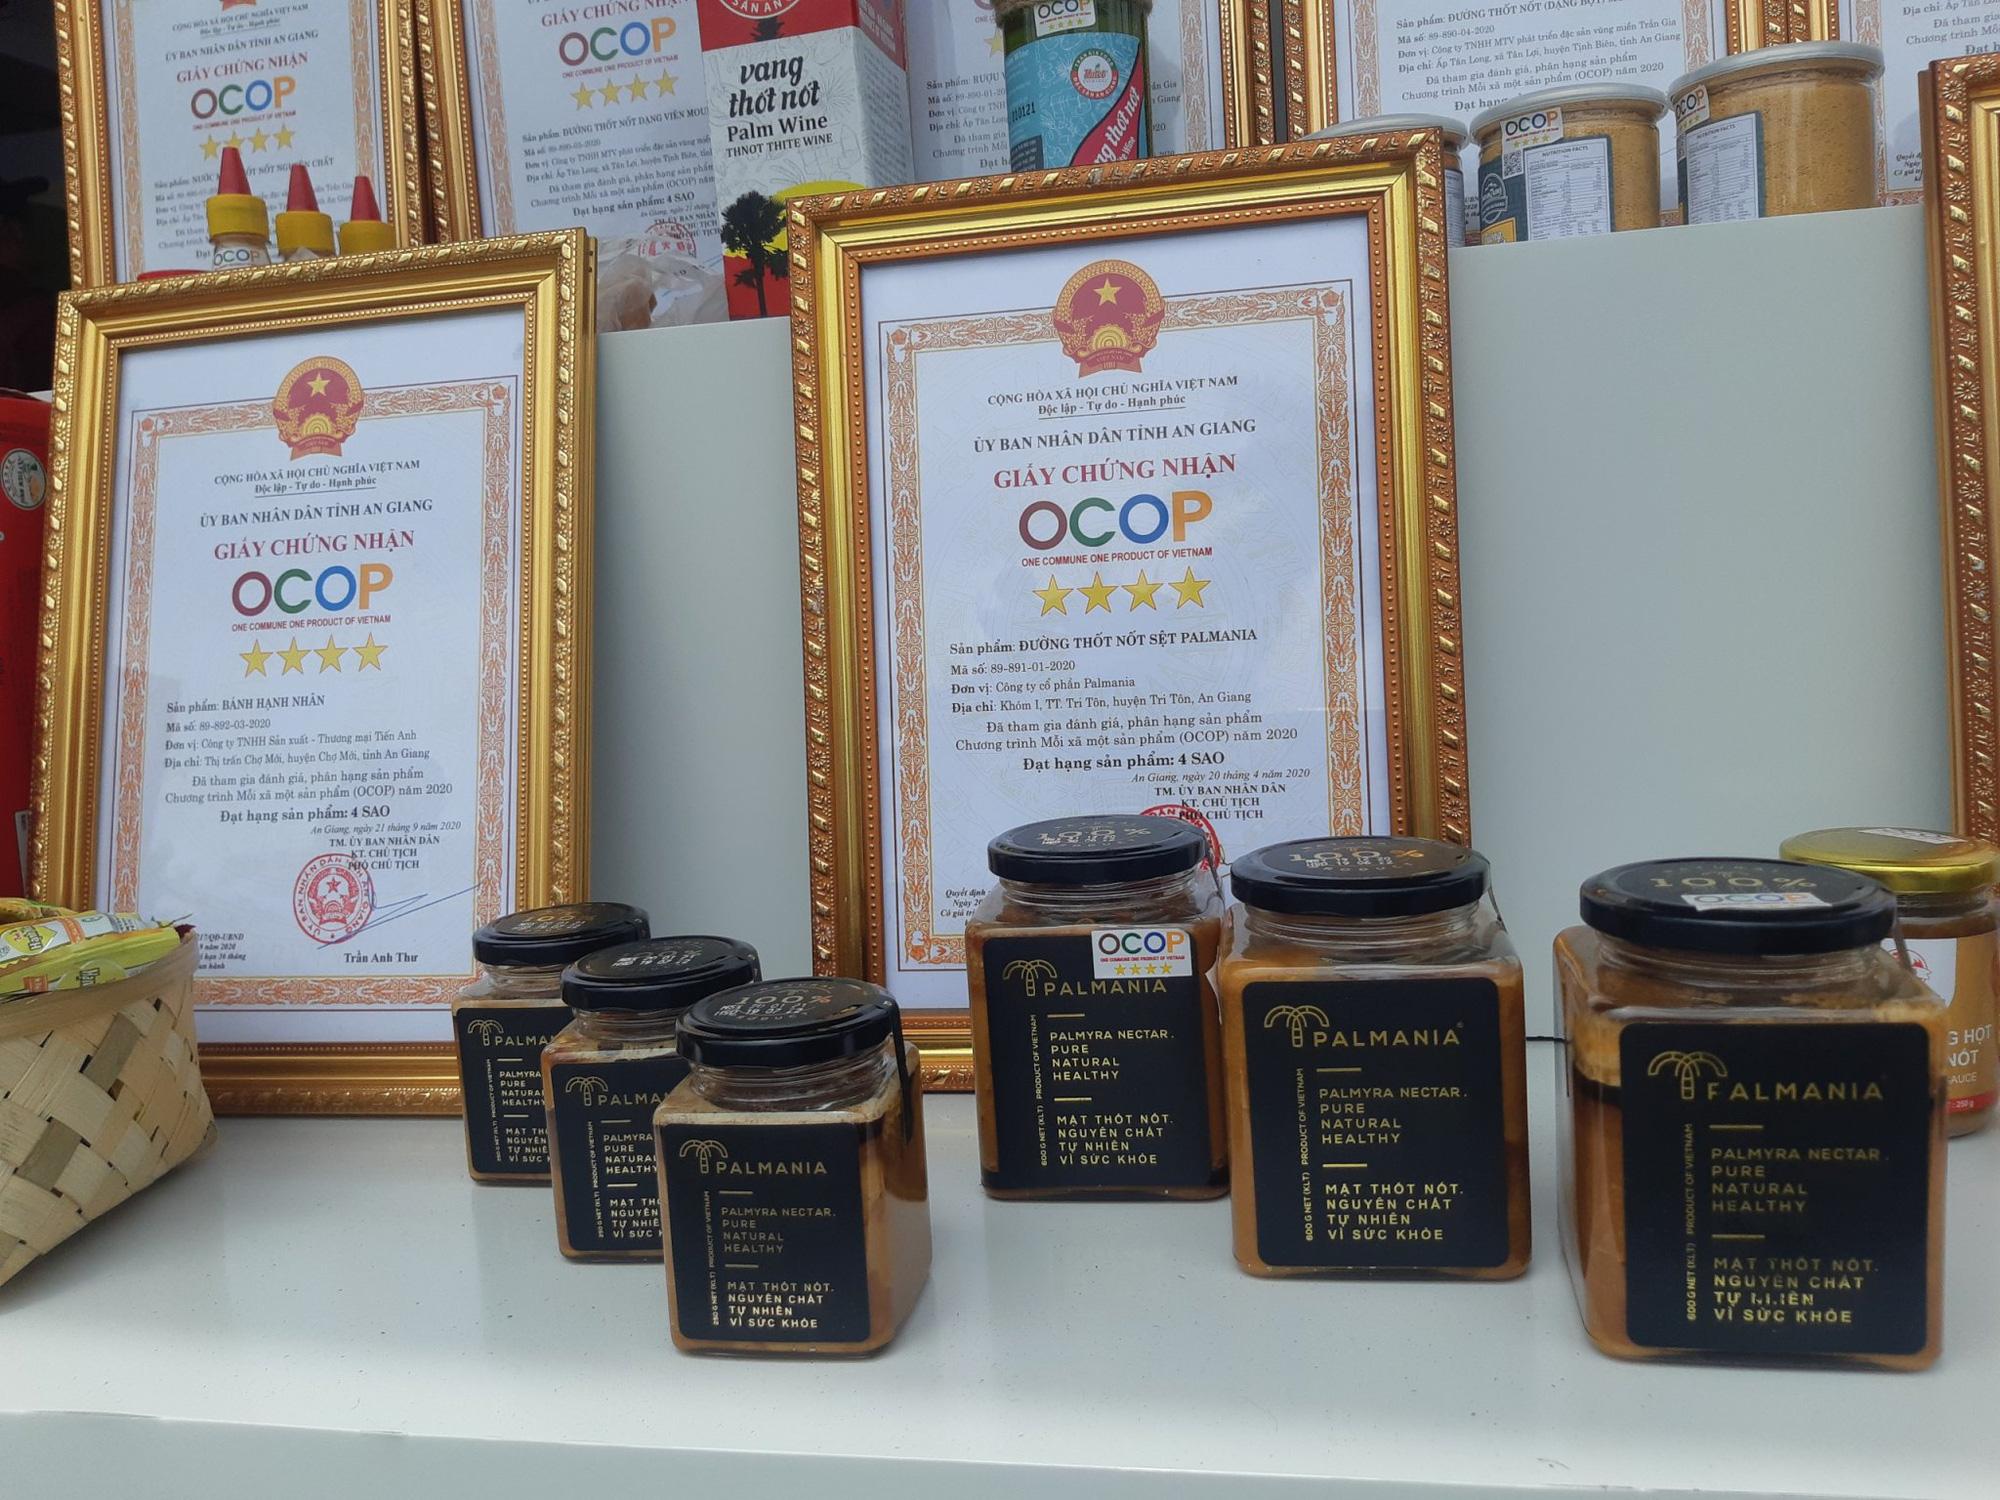 Sản phẩm OCOP 24 tỉnh, thành hội tụ tại Châu Đốc An Giang - Ảnh 4.